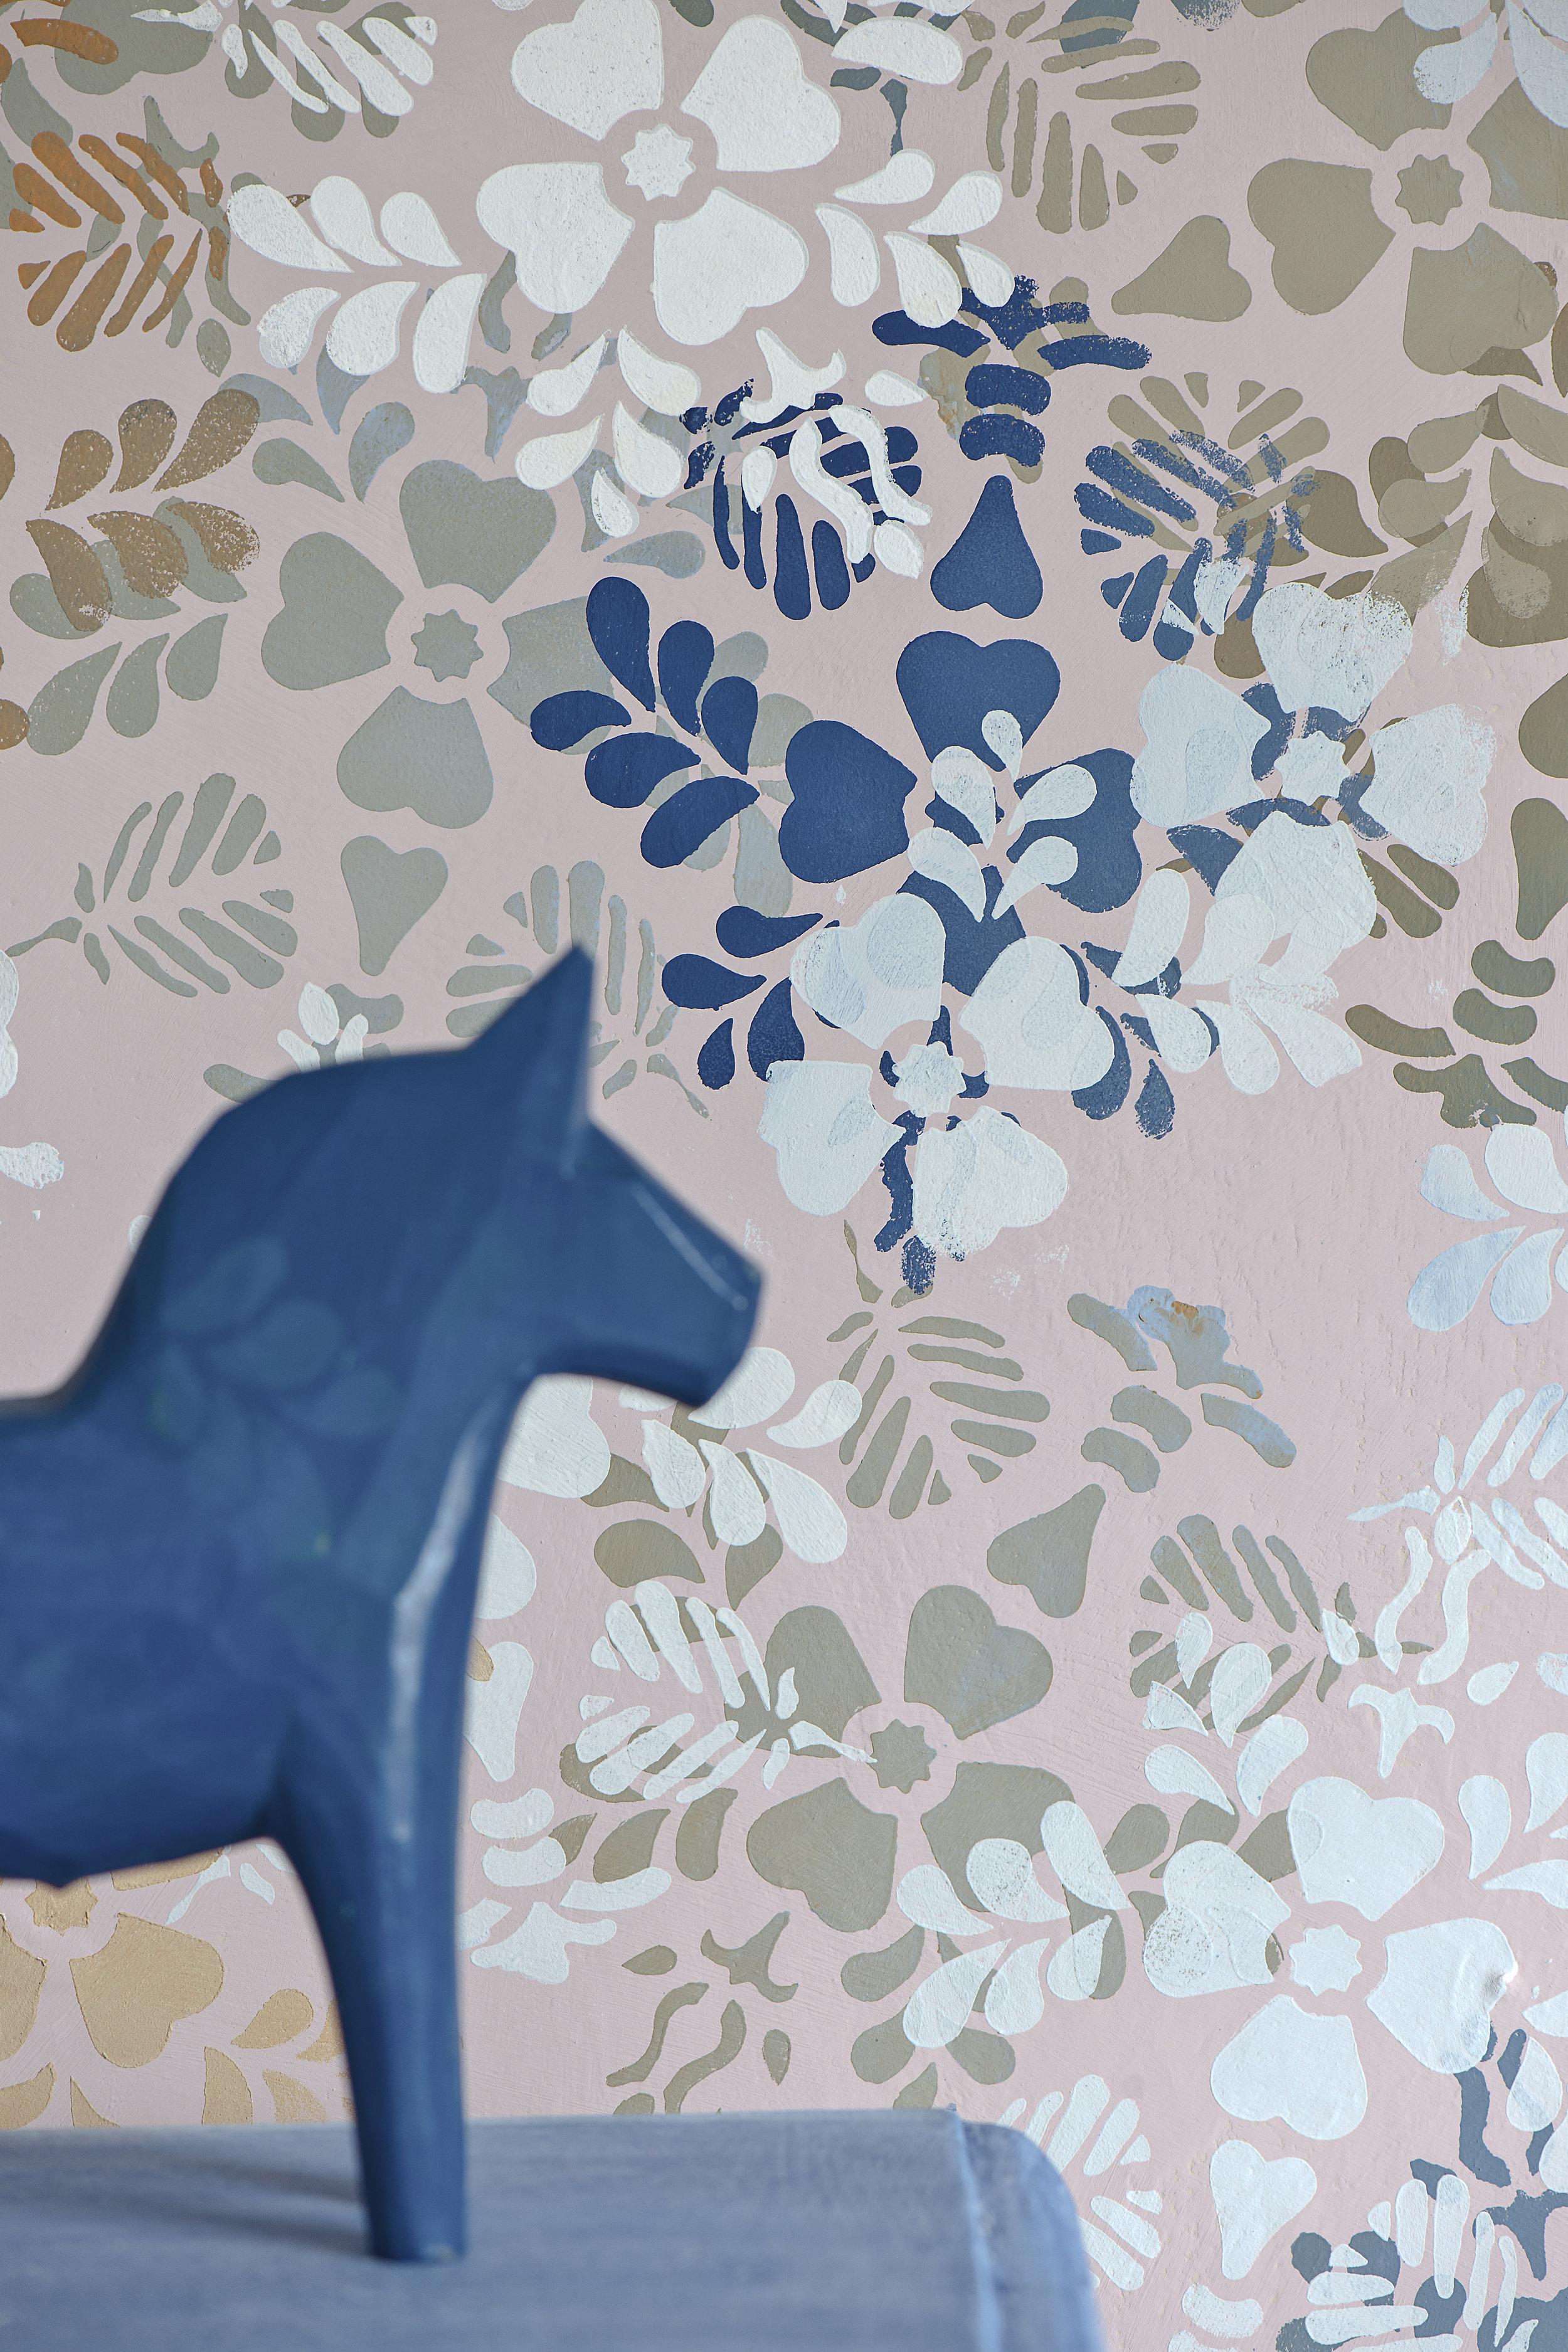 Random stencilled wall image 2 300dpi.jpg